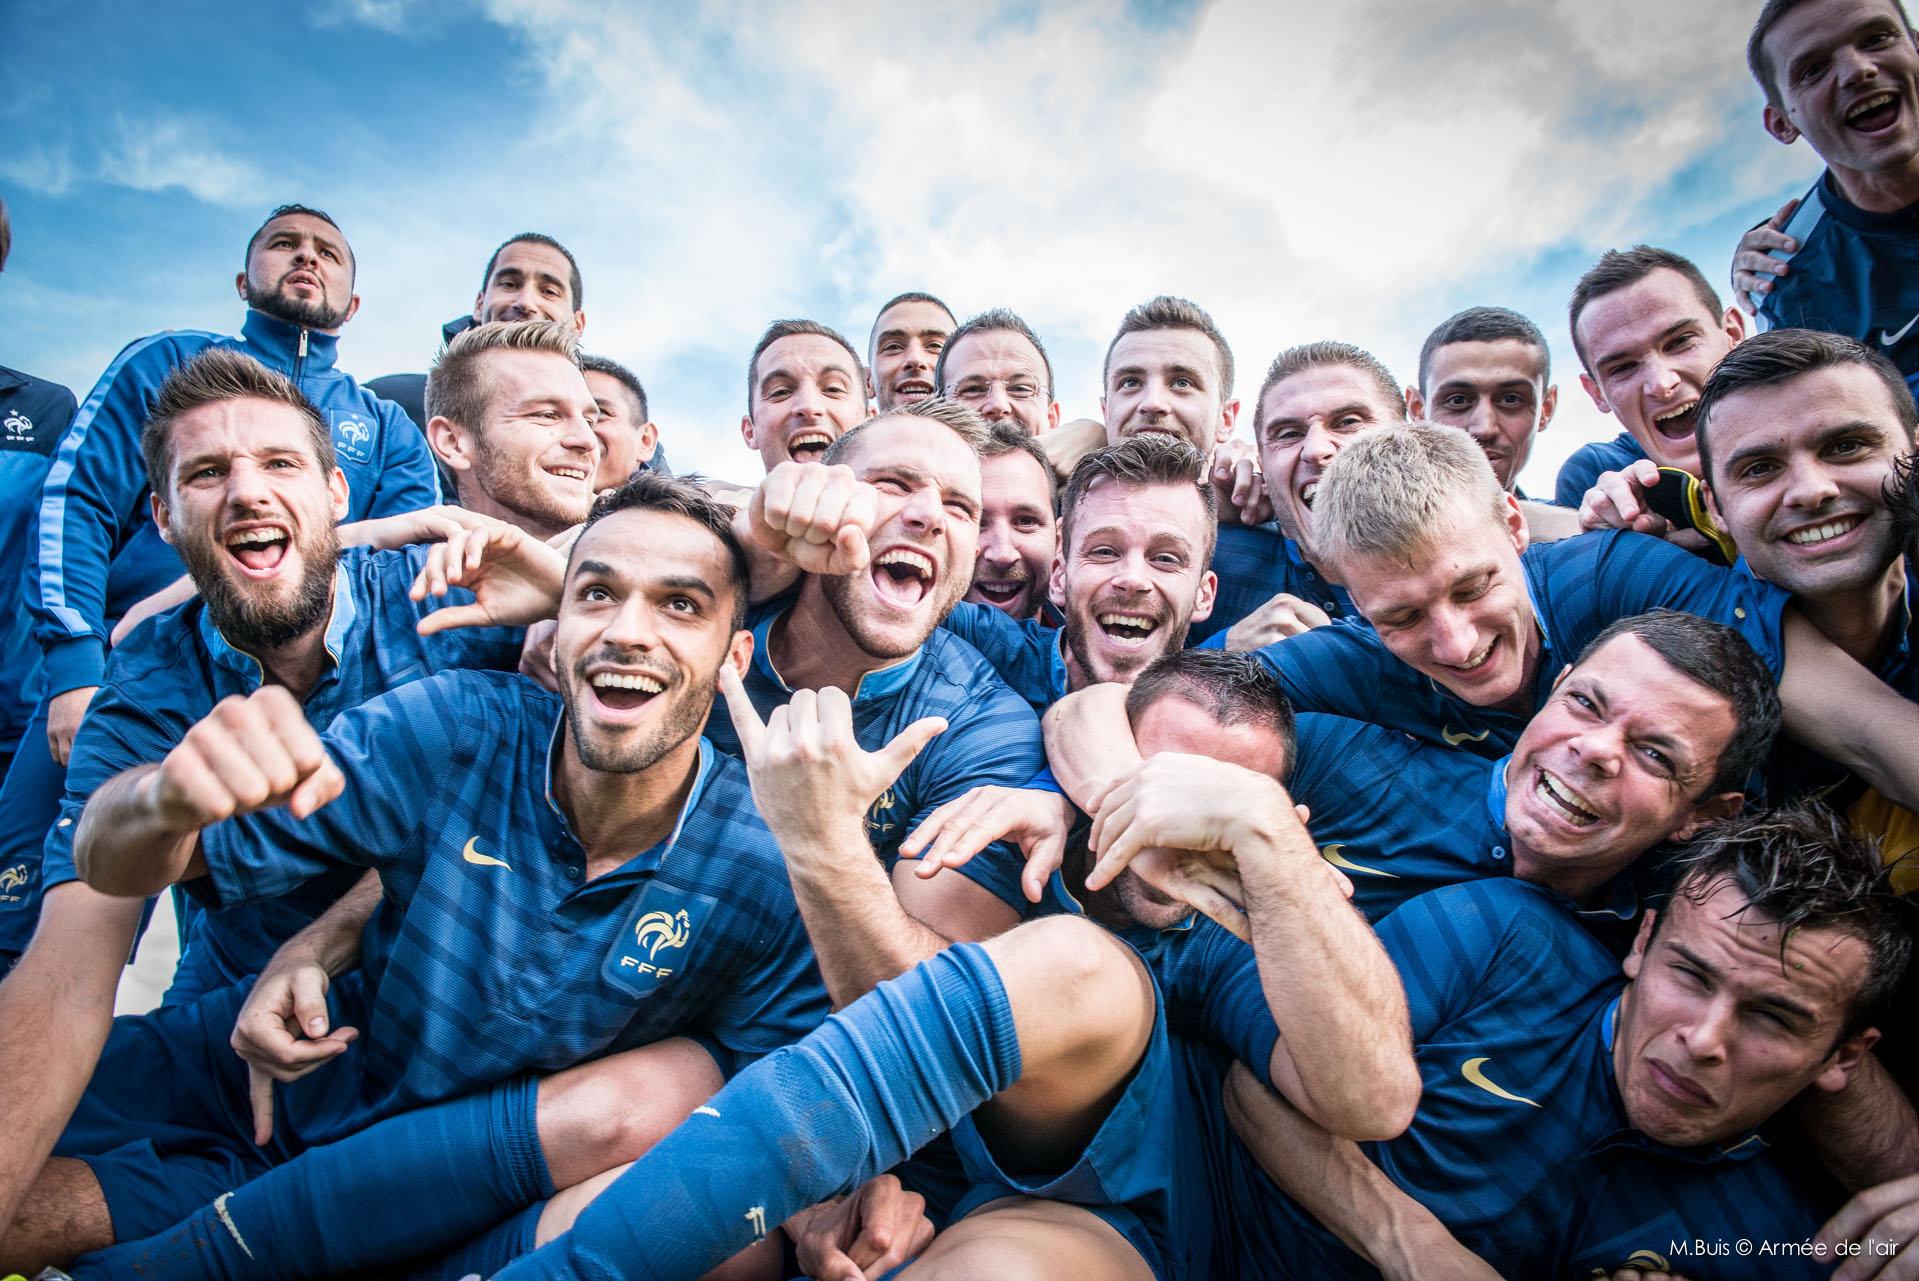 La France est championne d'Europe militaire de football France-championne-d-europe-militaire-de-football